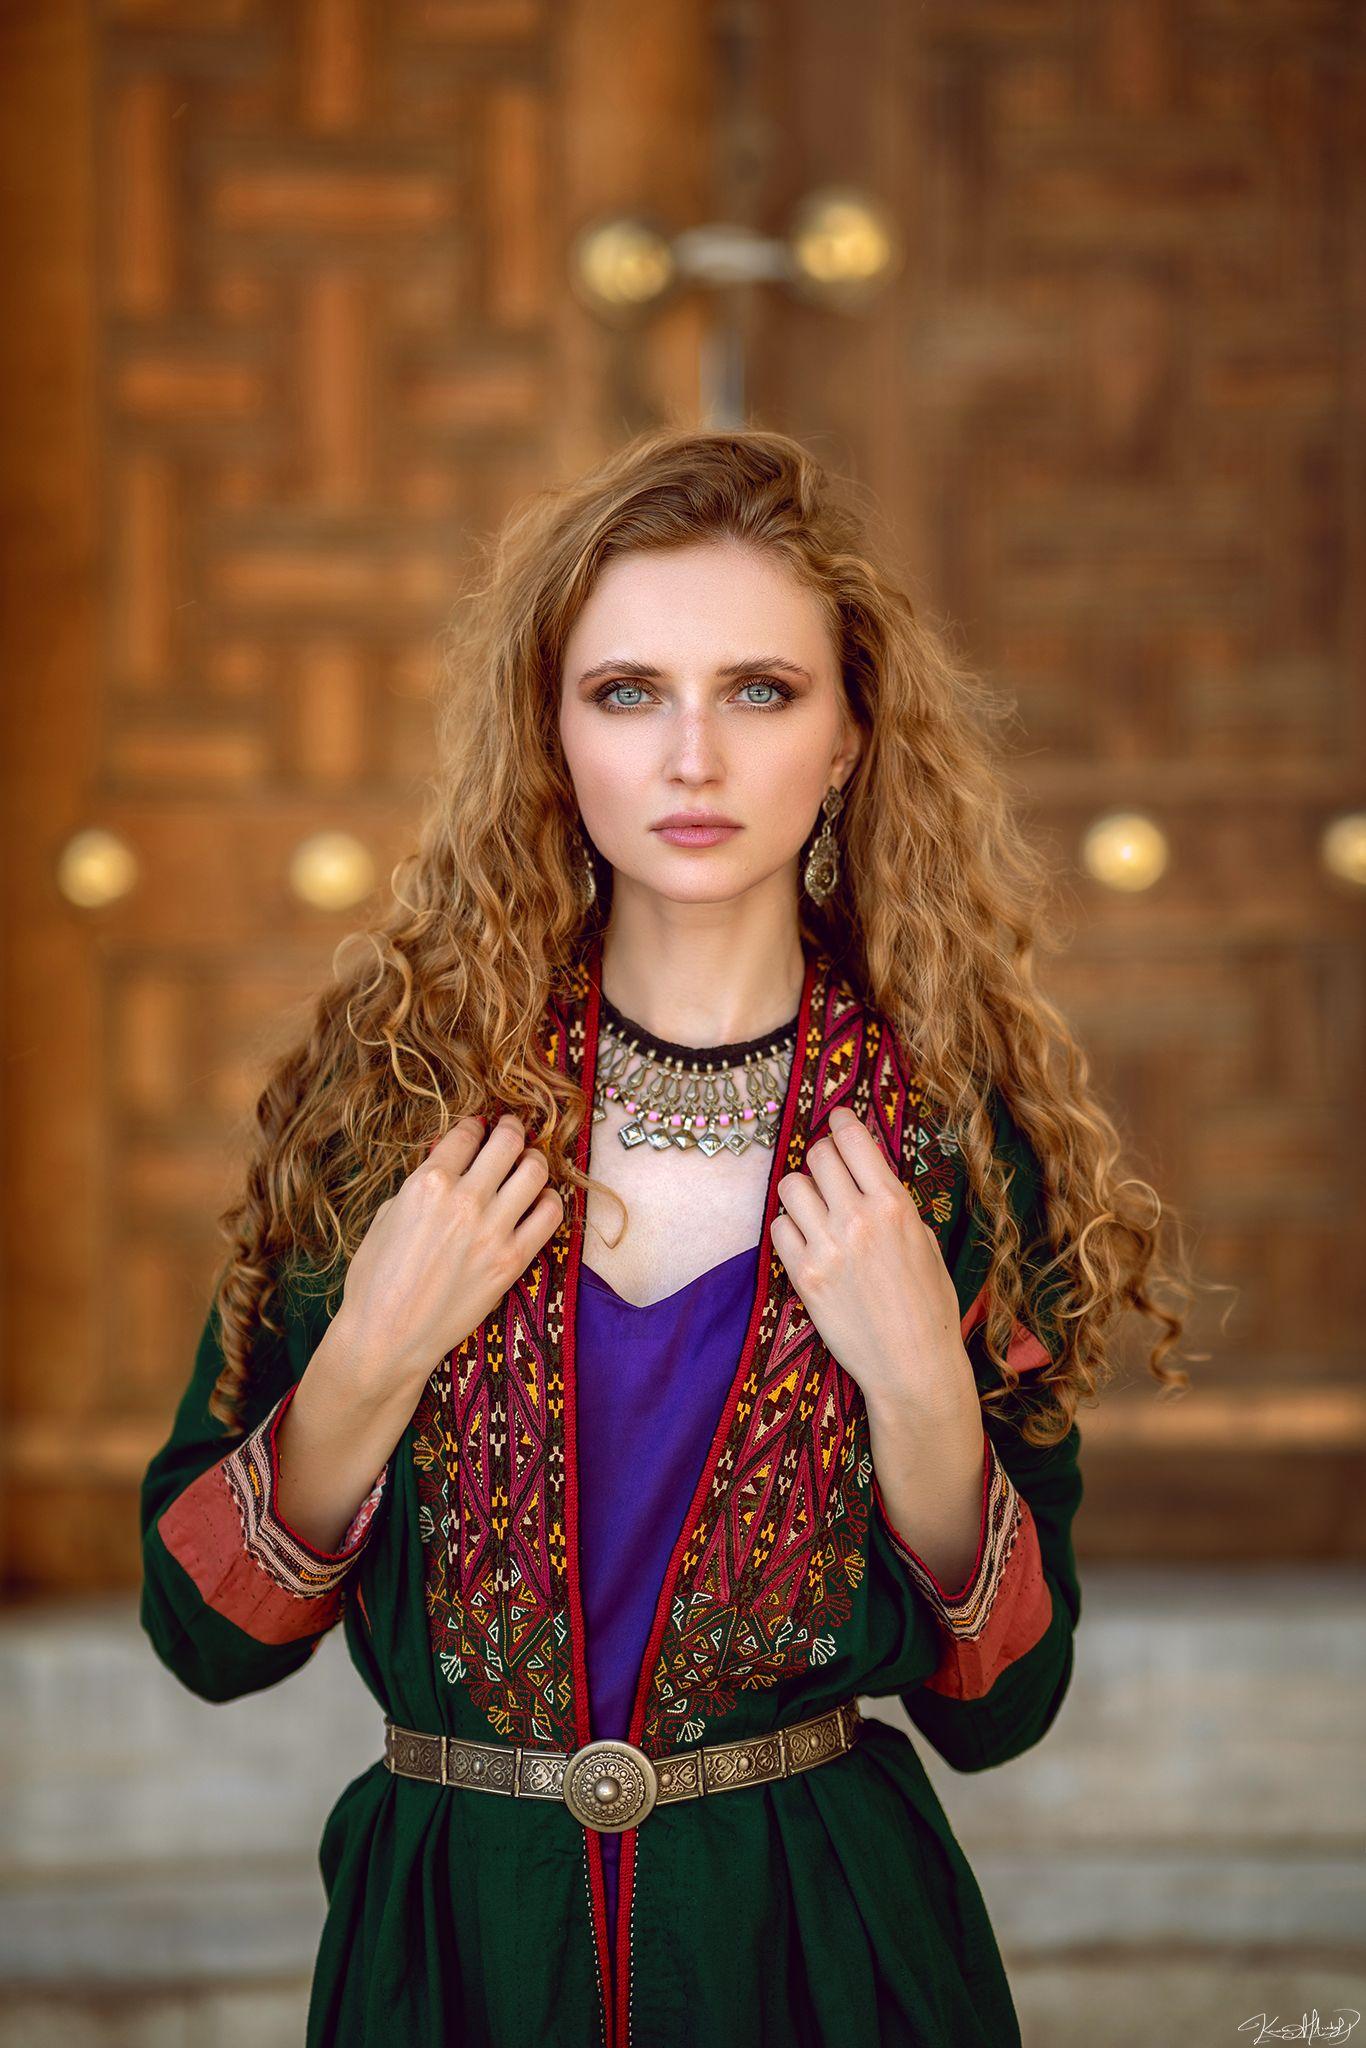 85mm, pretty, woman, portrait, eyes, Алтындал Каан